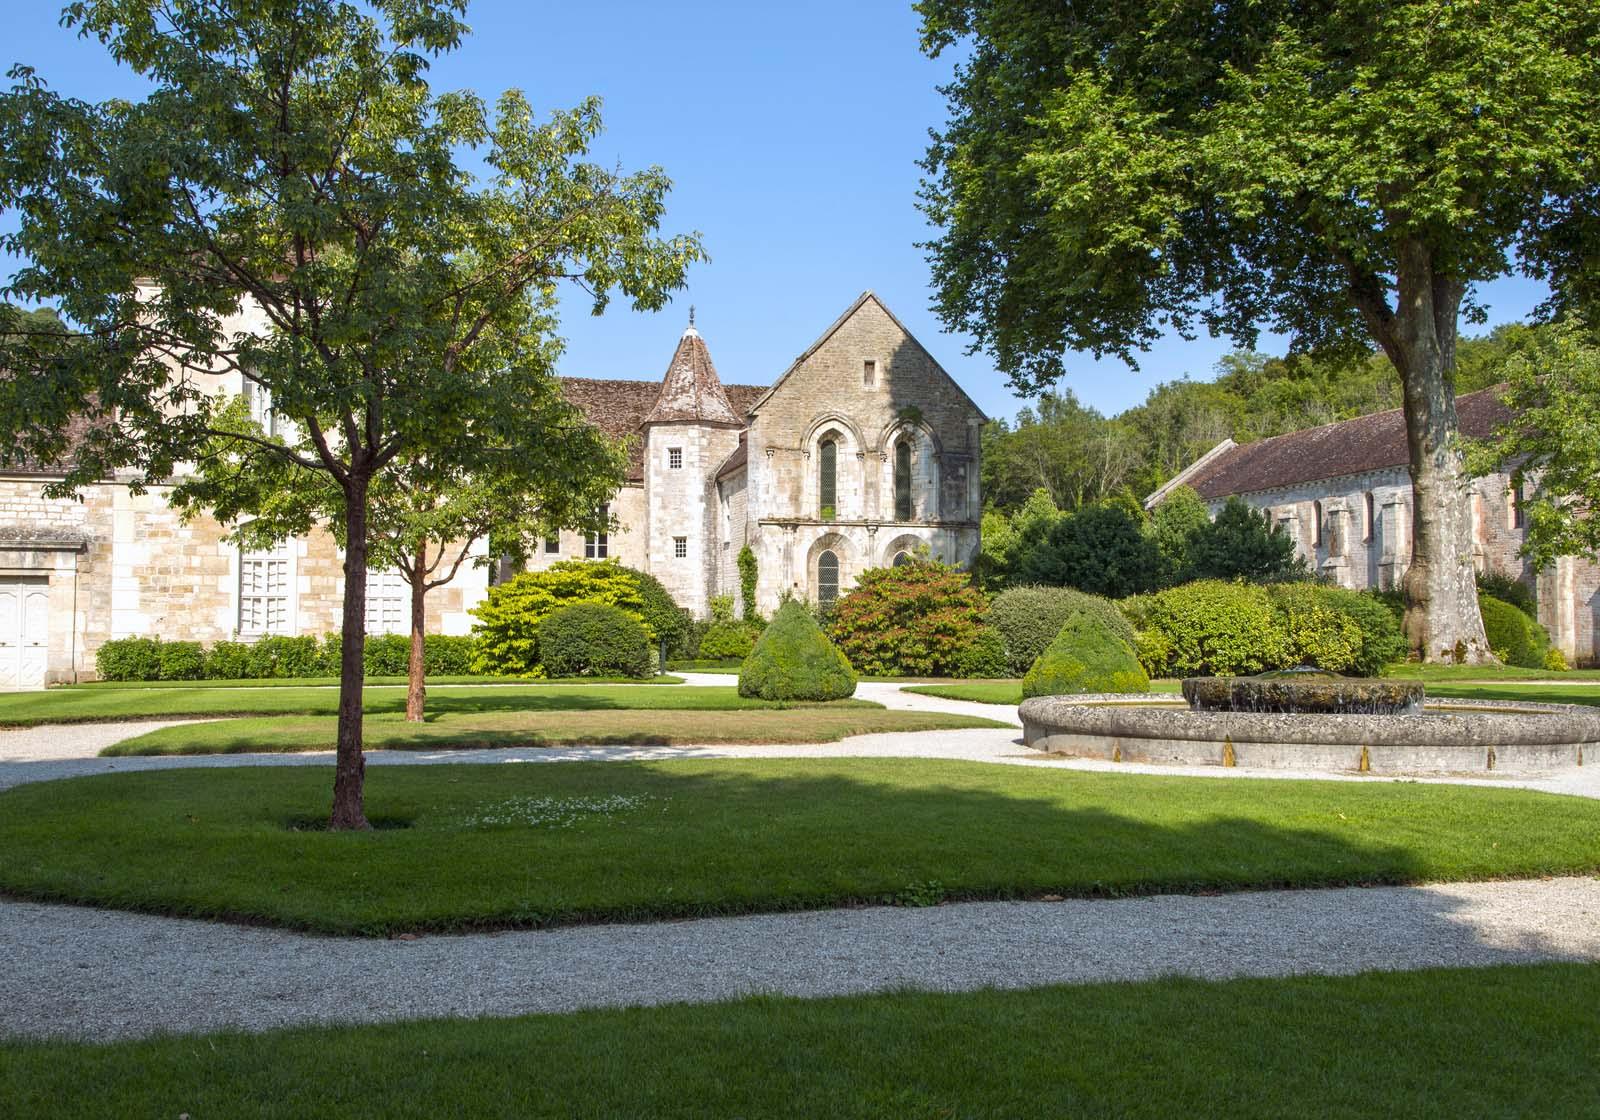 l'Abbaye de Fontenay et ses jardins